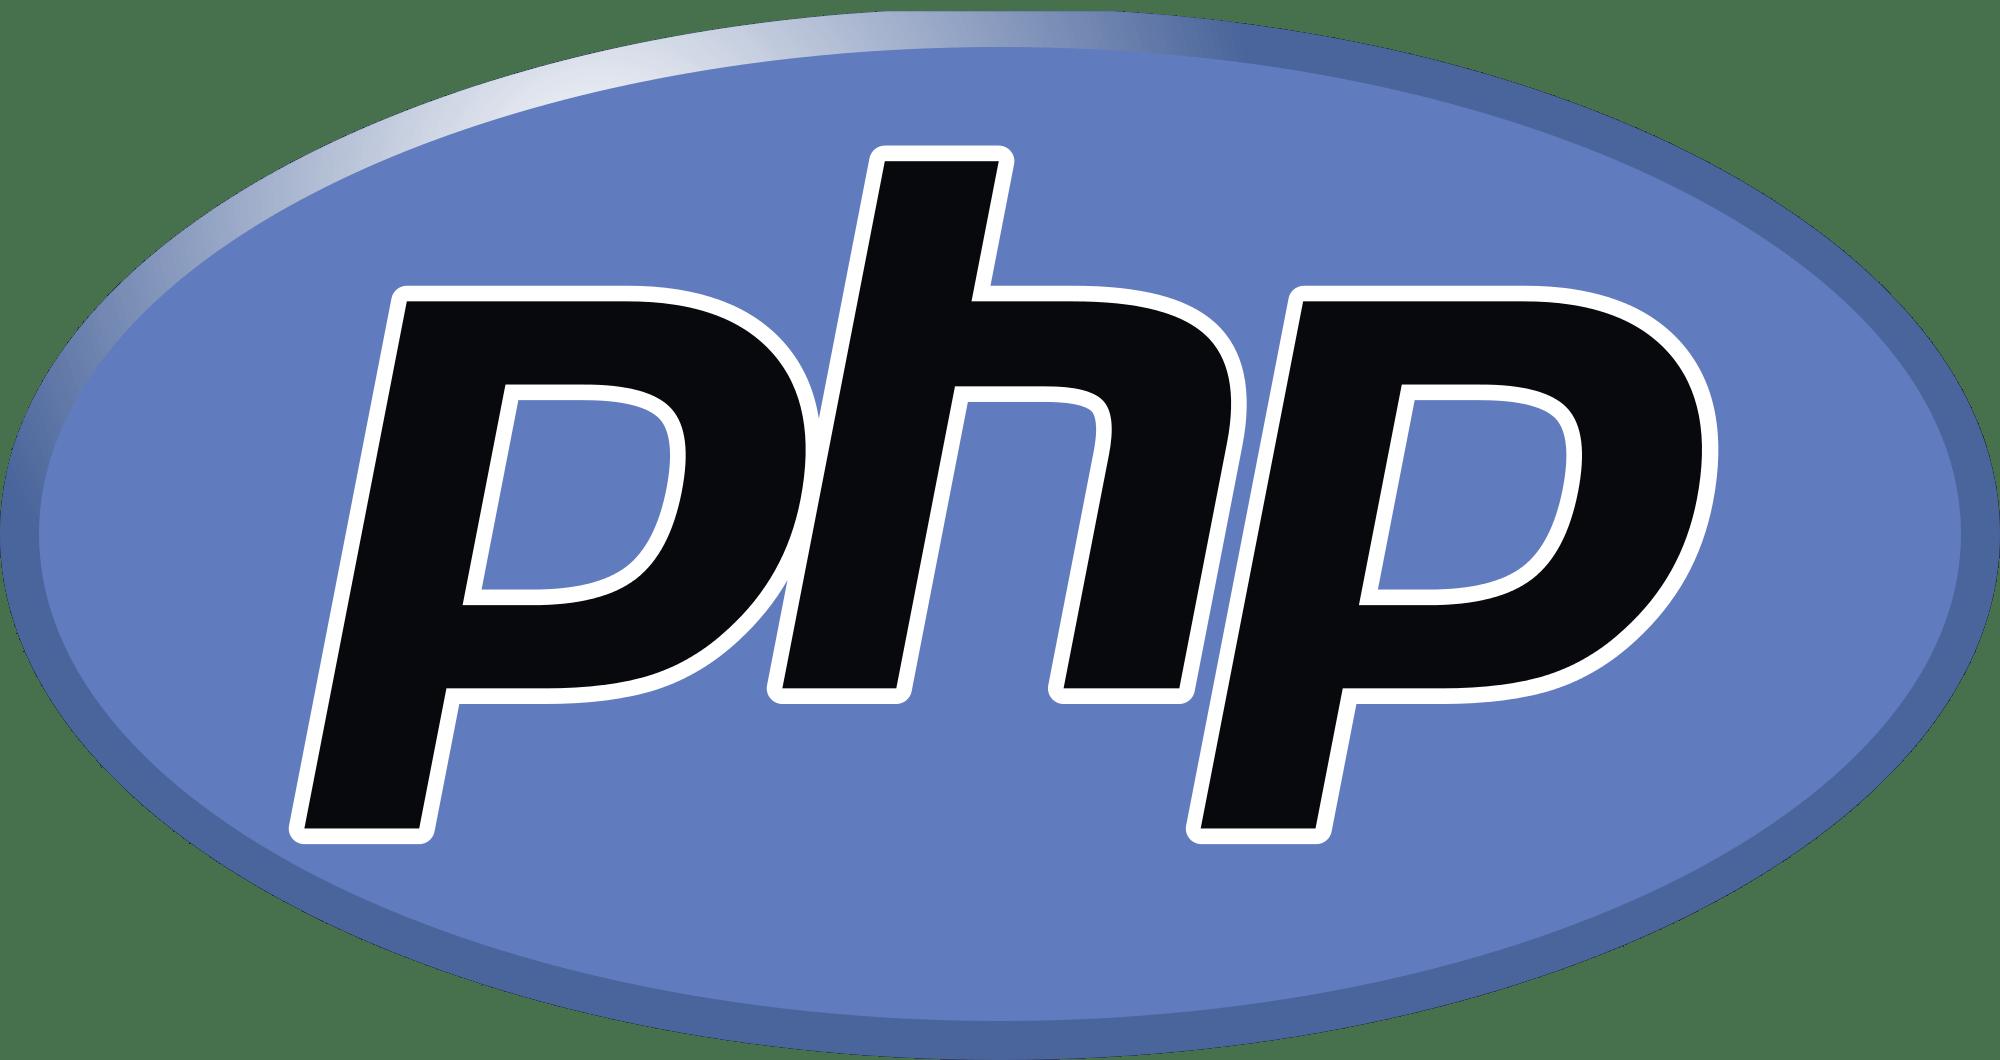 php language logo